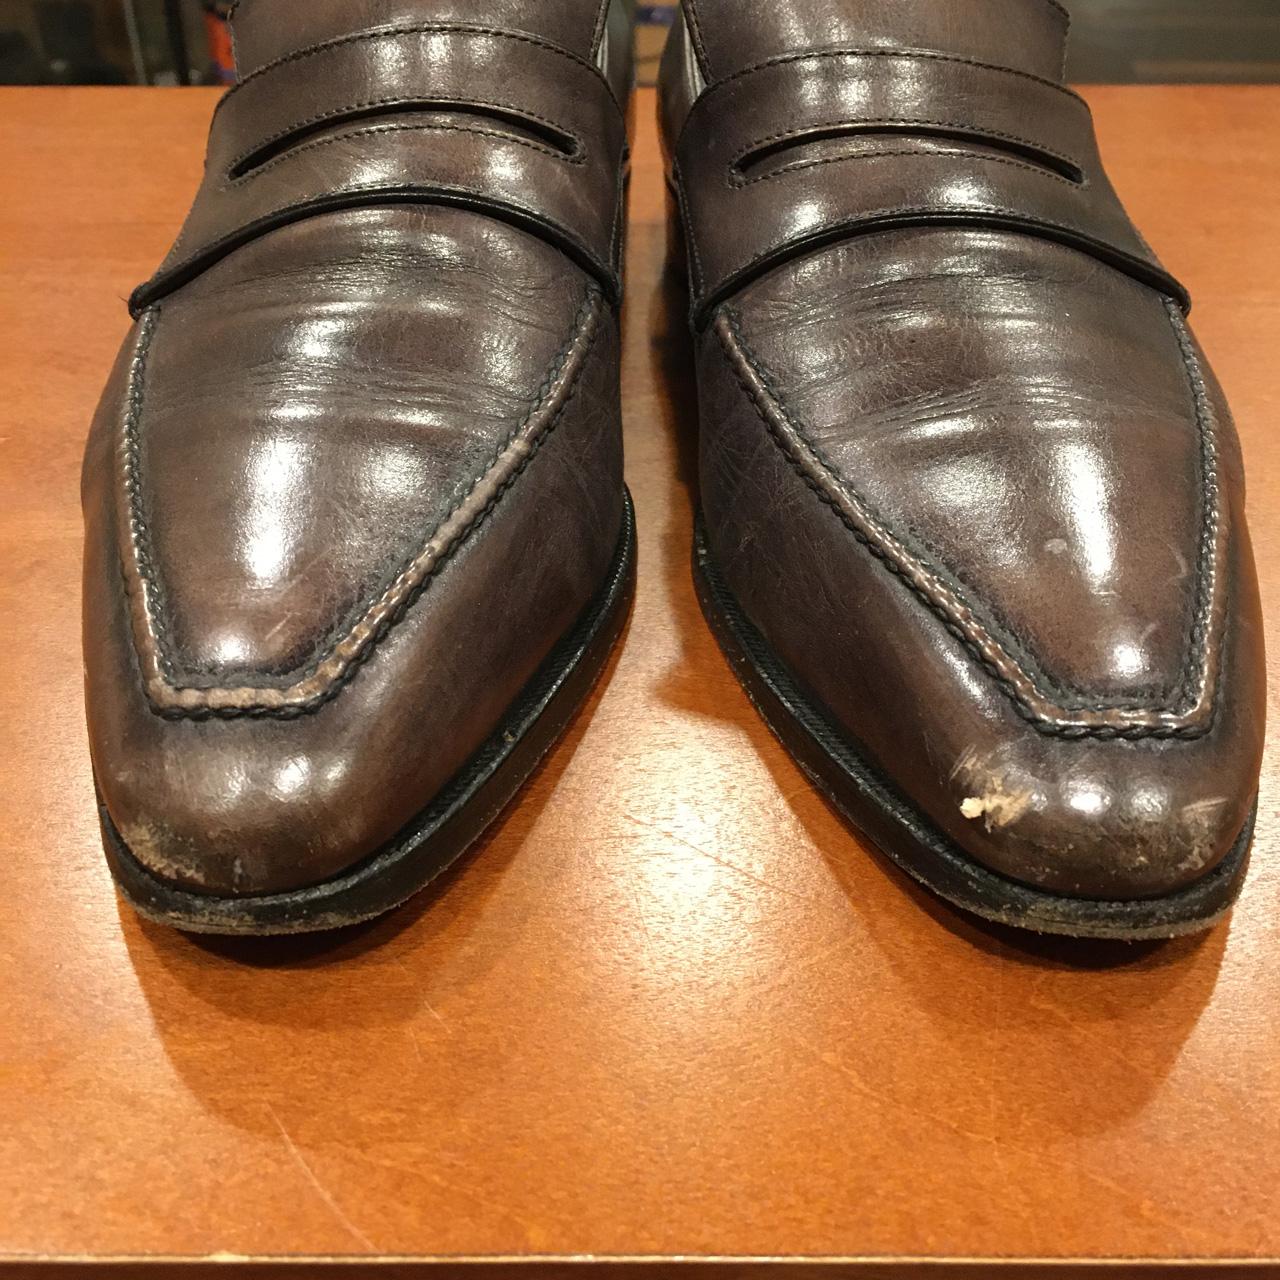 ベルルッティの靴を傷補修しレザーヒール交換を行いました